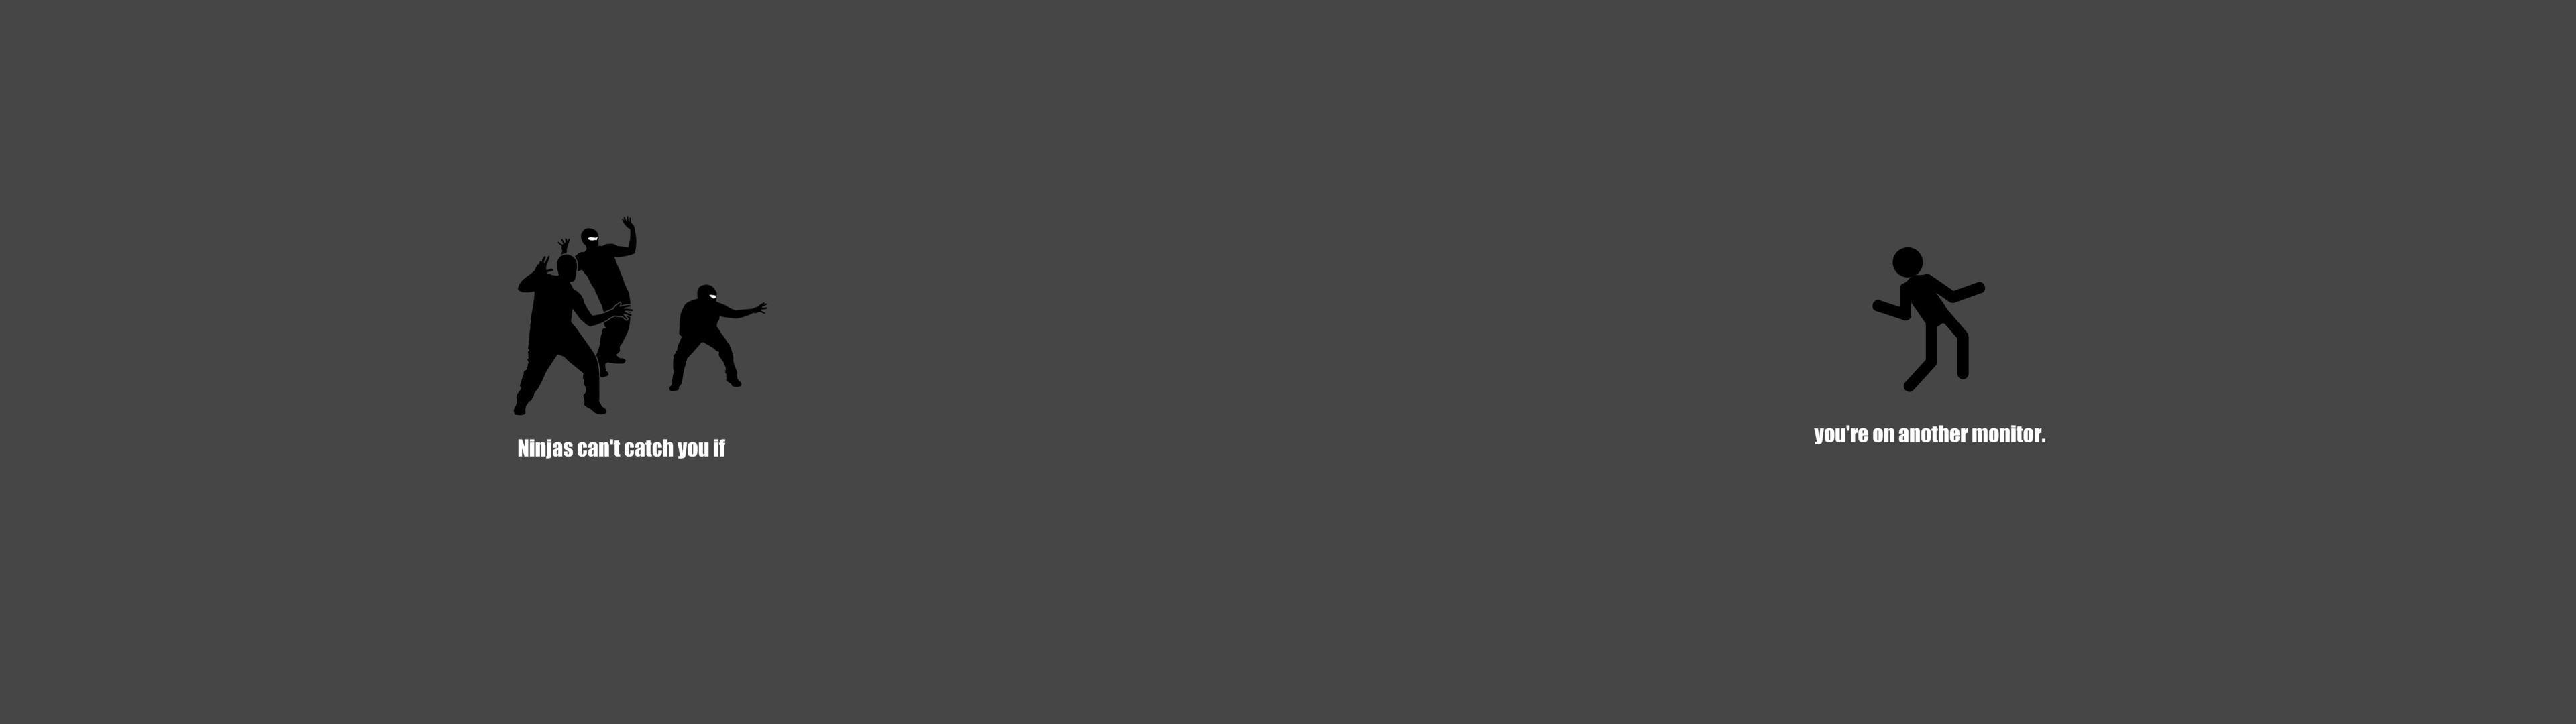 Download Ninja 3840 x 1080 3200 x 1080 2560 x 1024 3840x1080